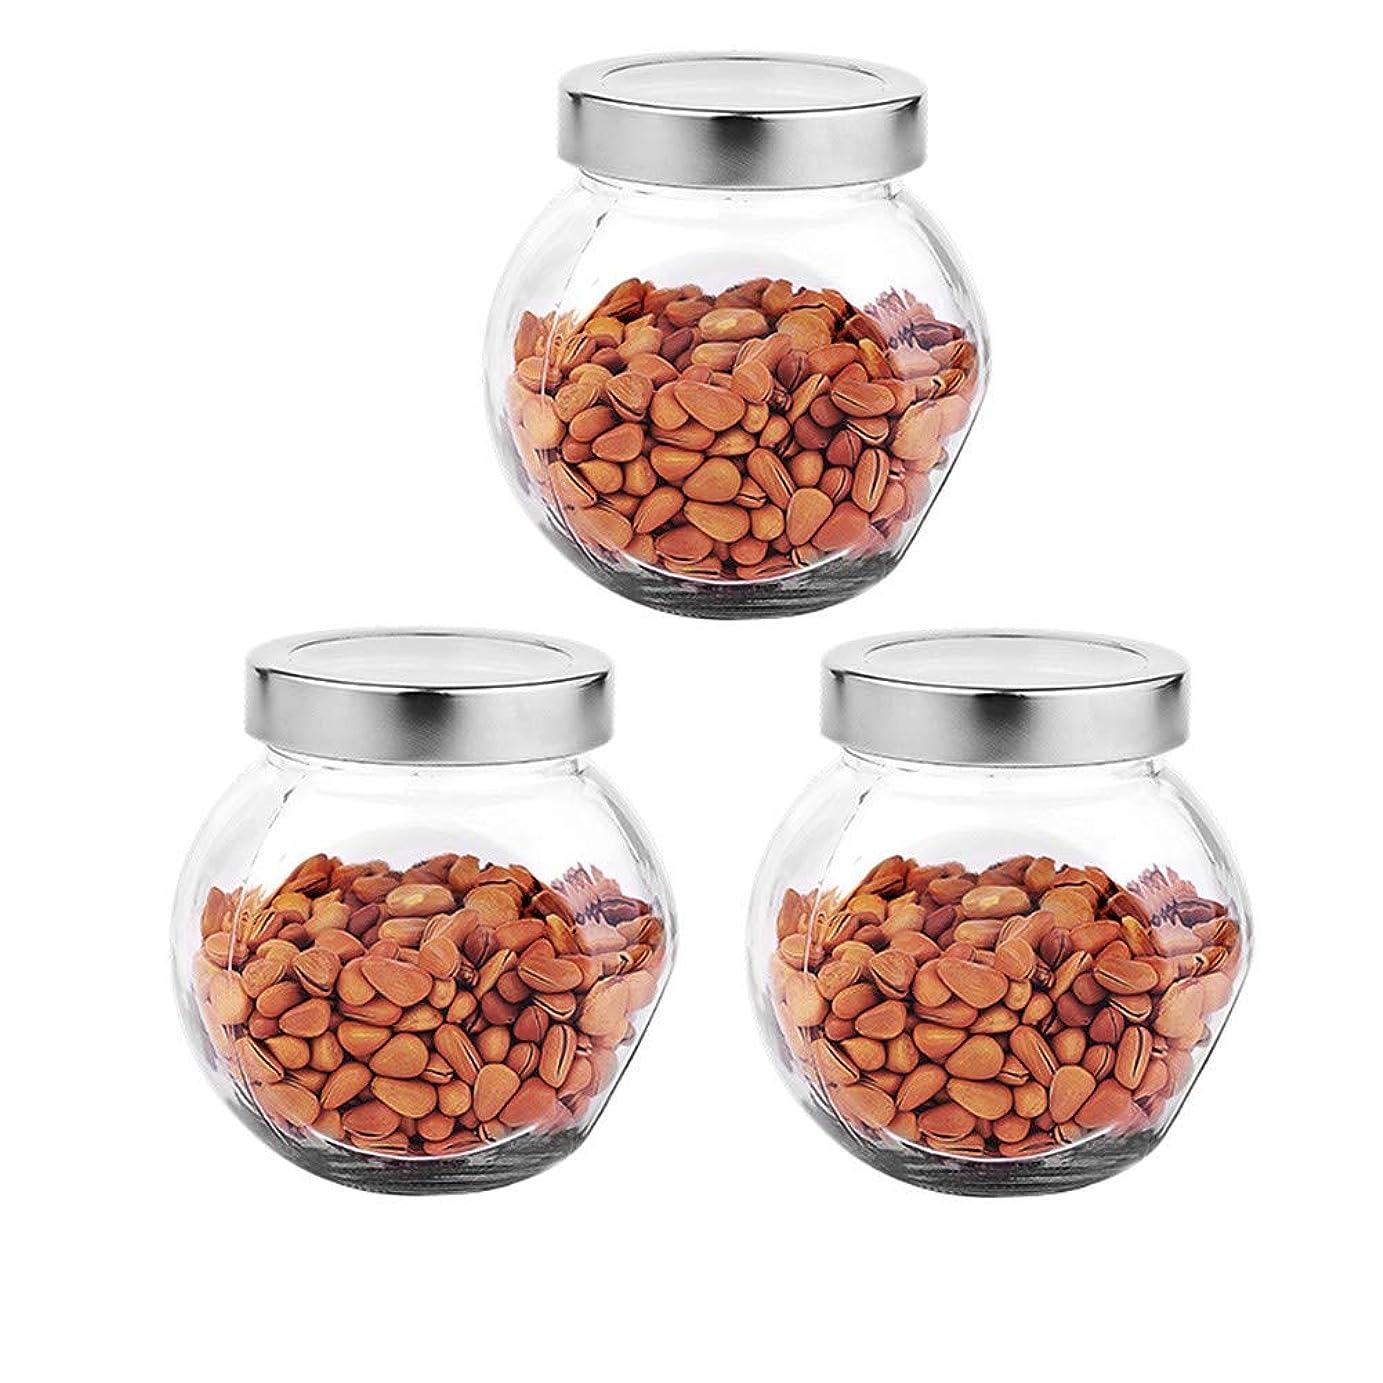 民兵抜け目のないブラウズ3つの透明ガラス貯蔵容器茶/季節密封缶の貯蔵ジャーパック(450 ml)